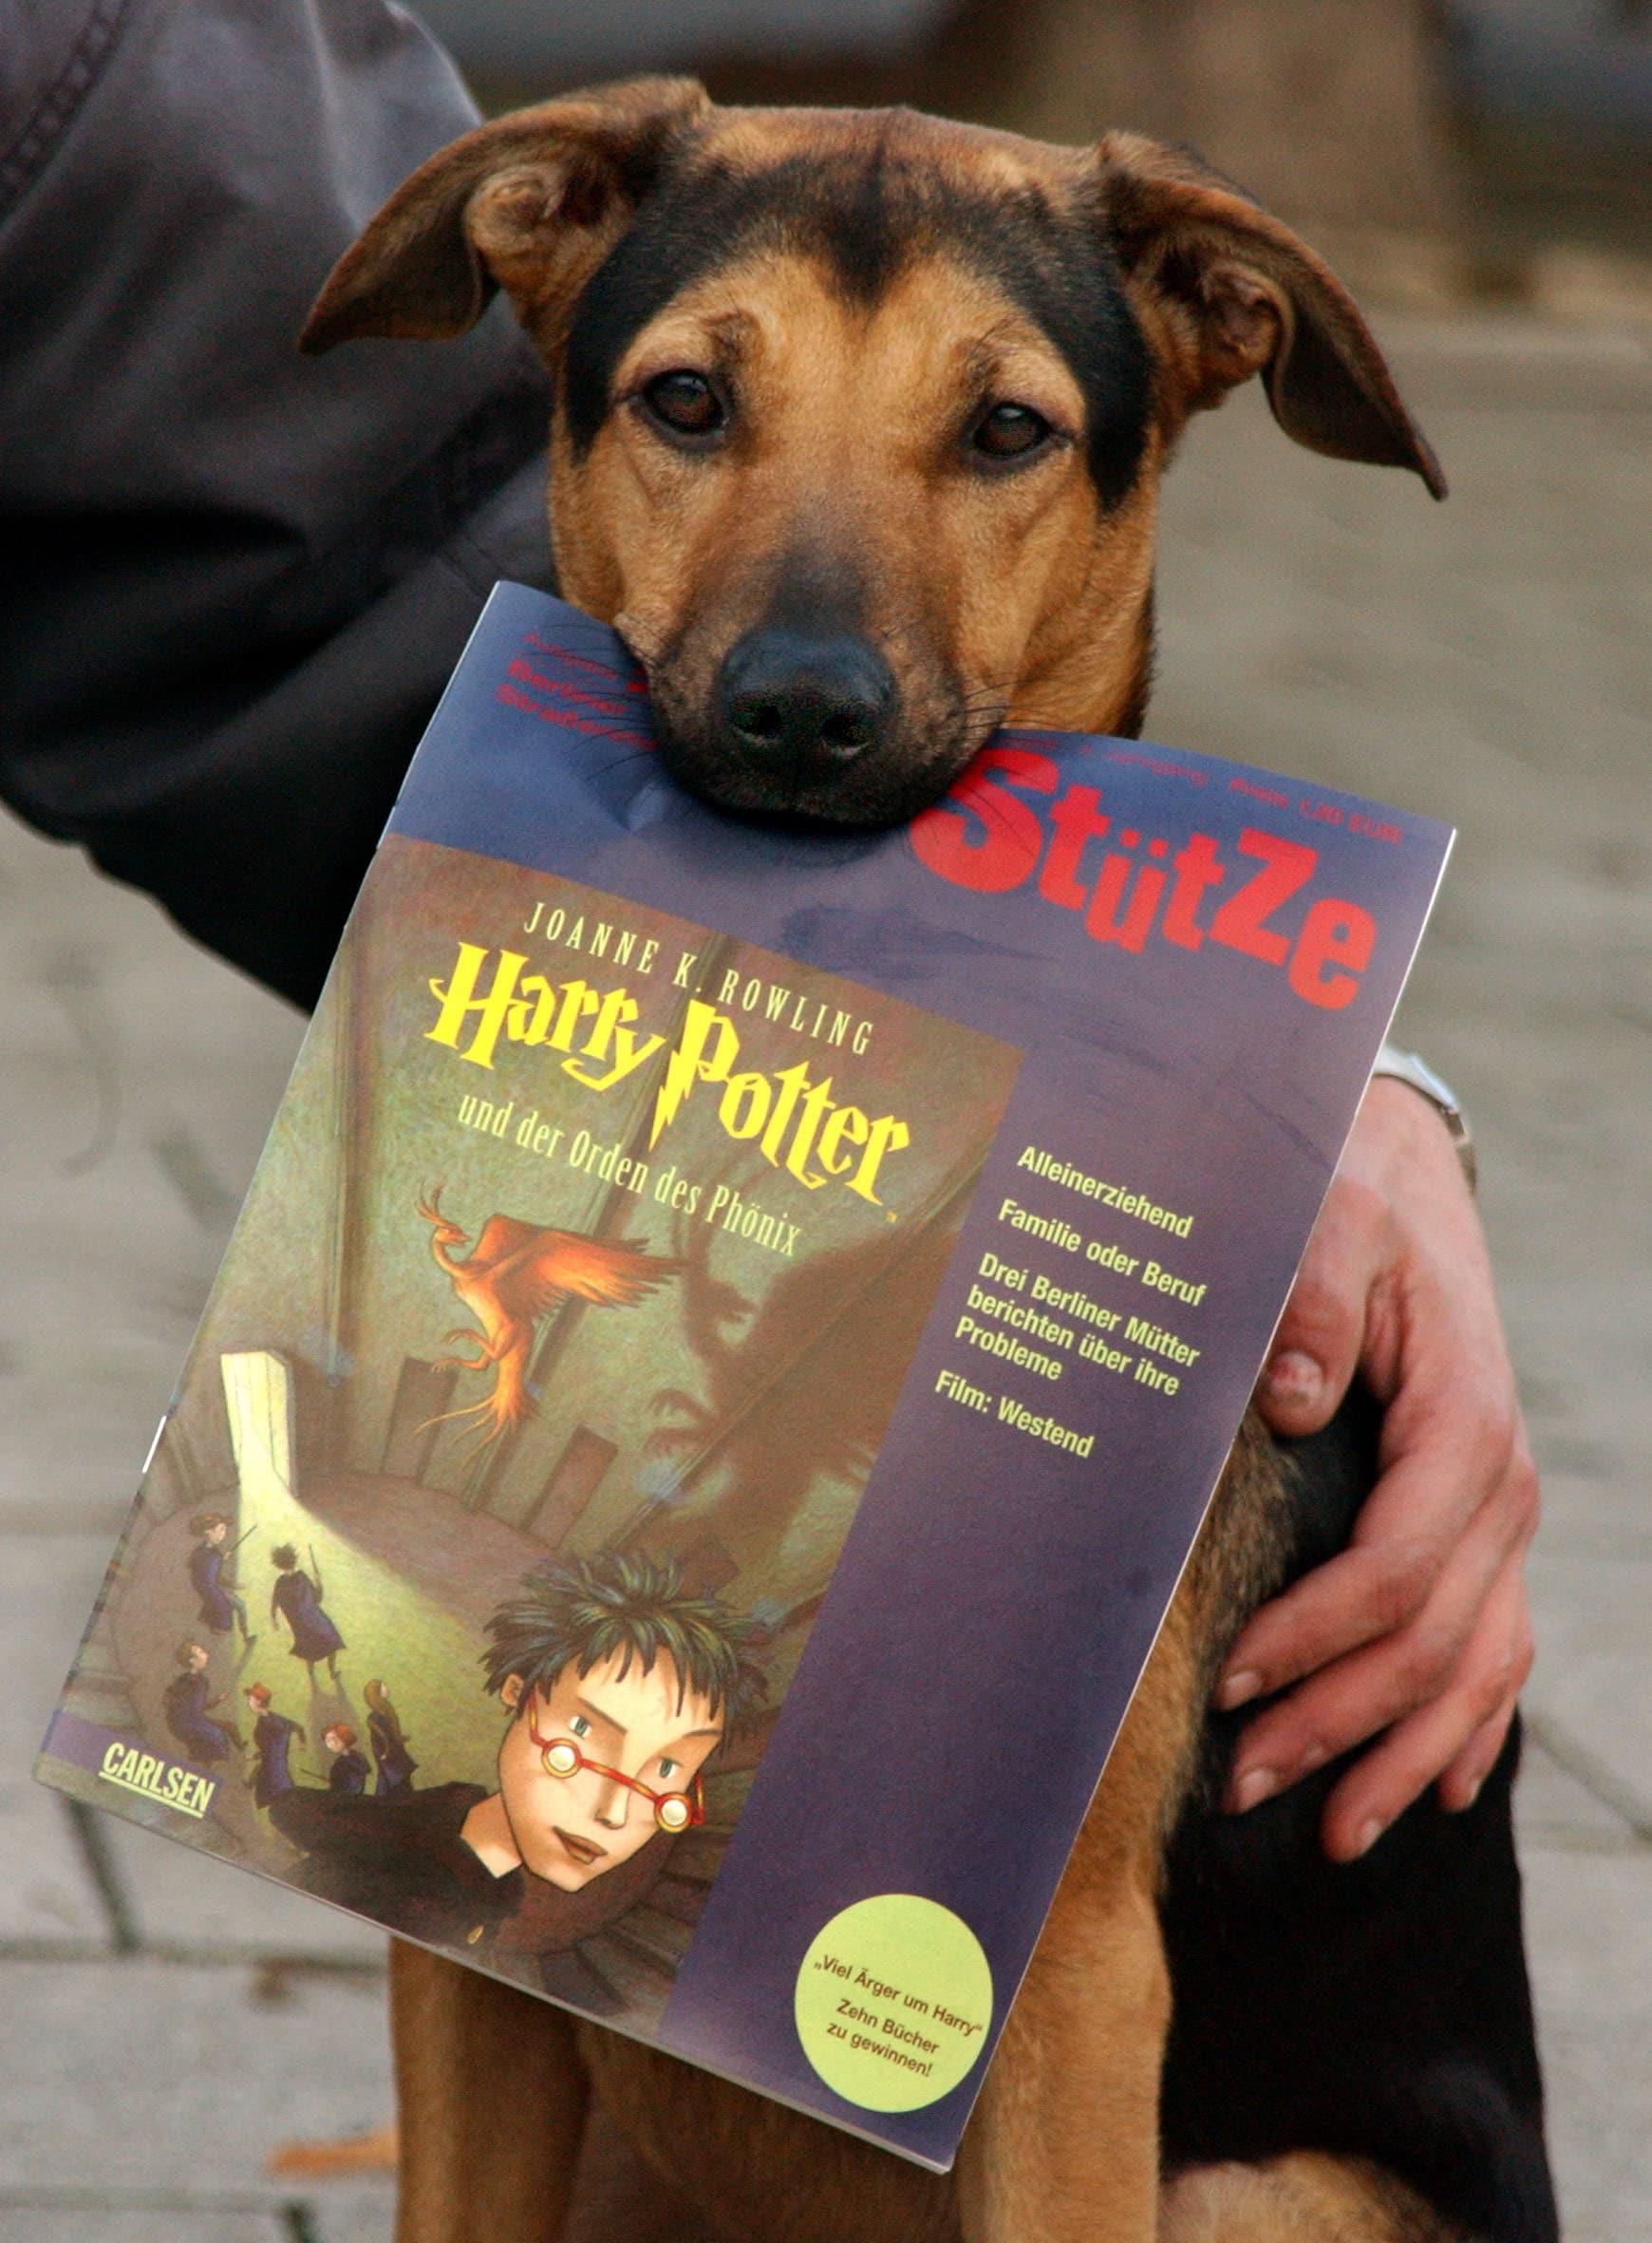 Le Citazioni Più Belle Di Harry Potter Che Vi Aiutano Tutti I Giorni